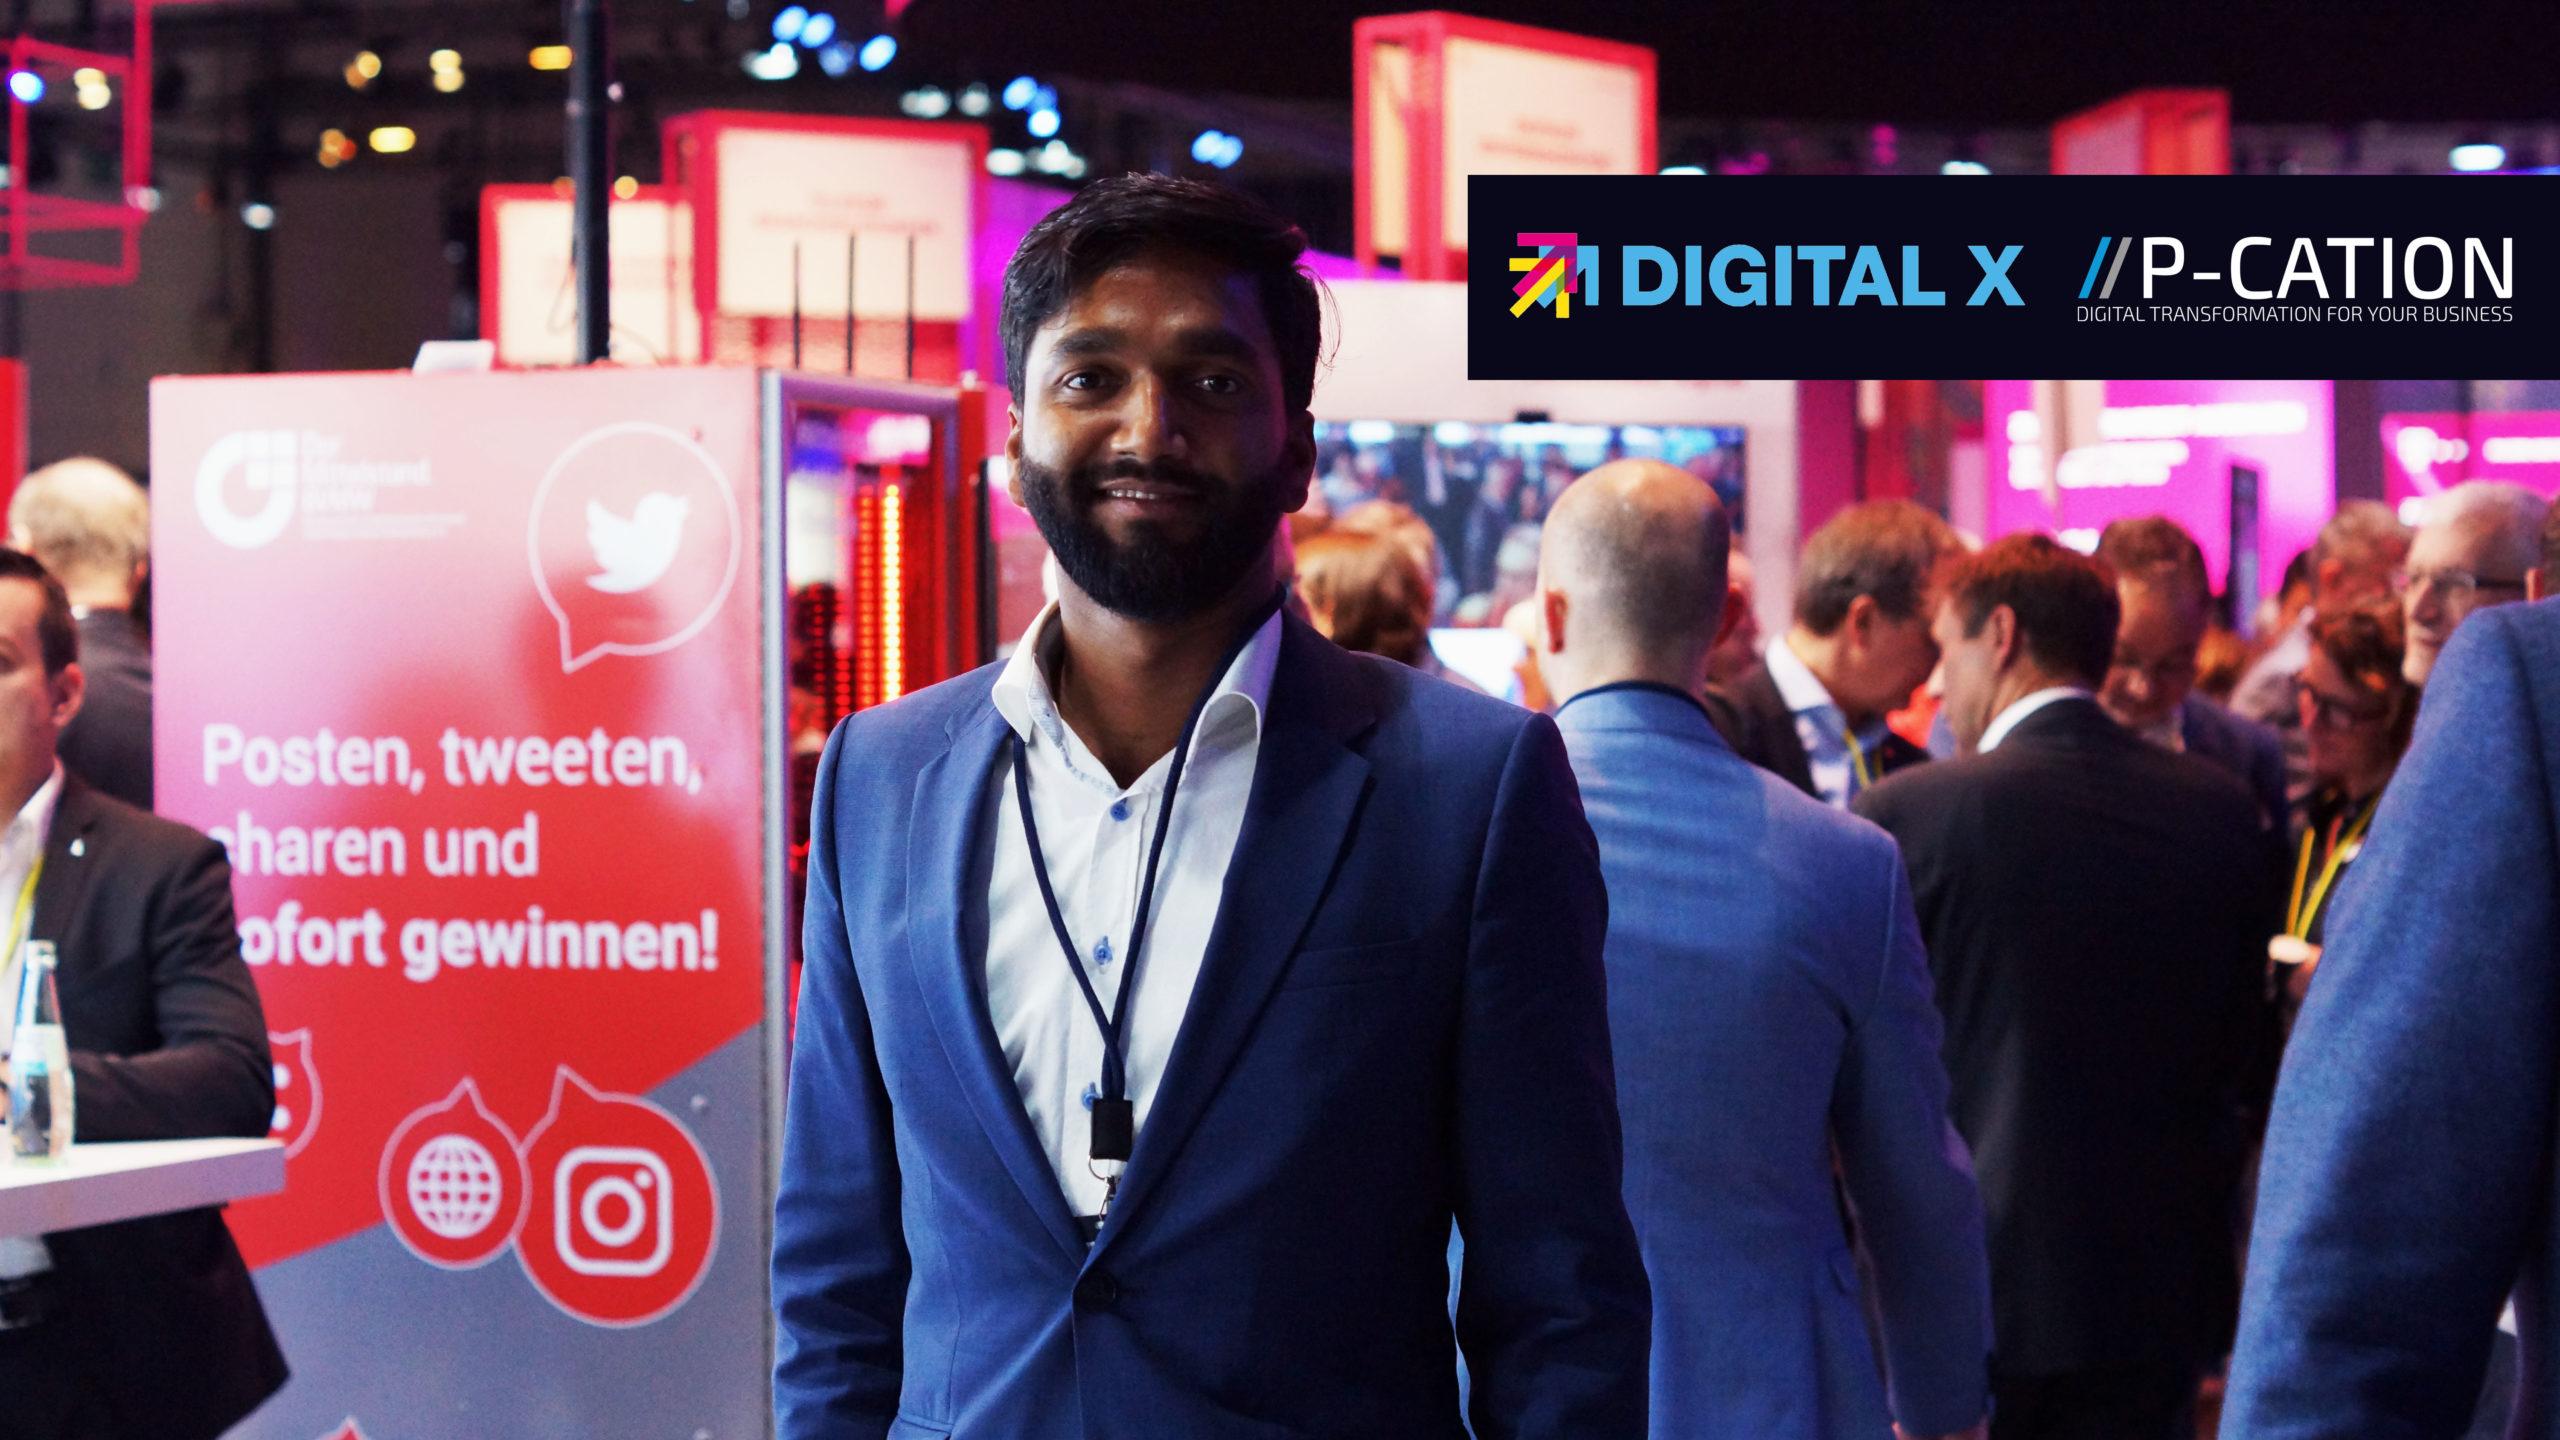 P-CATION auf der Digital X in Köln 2019